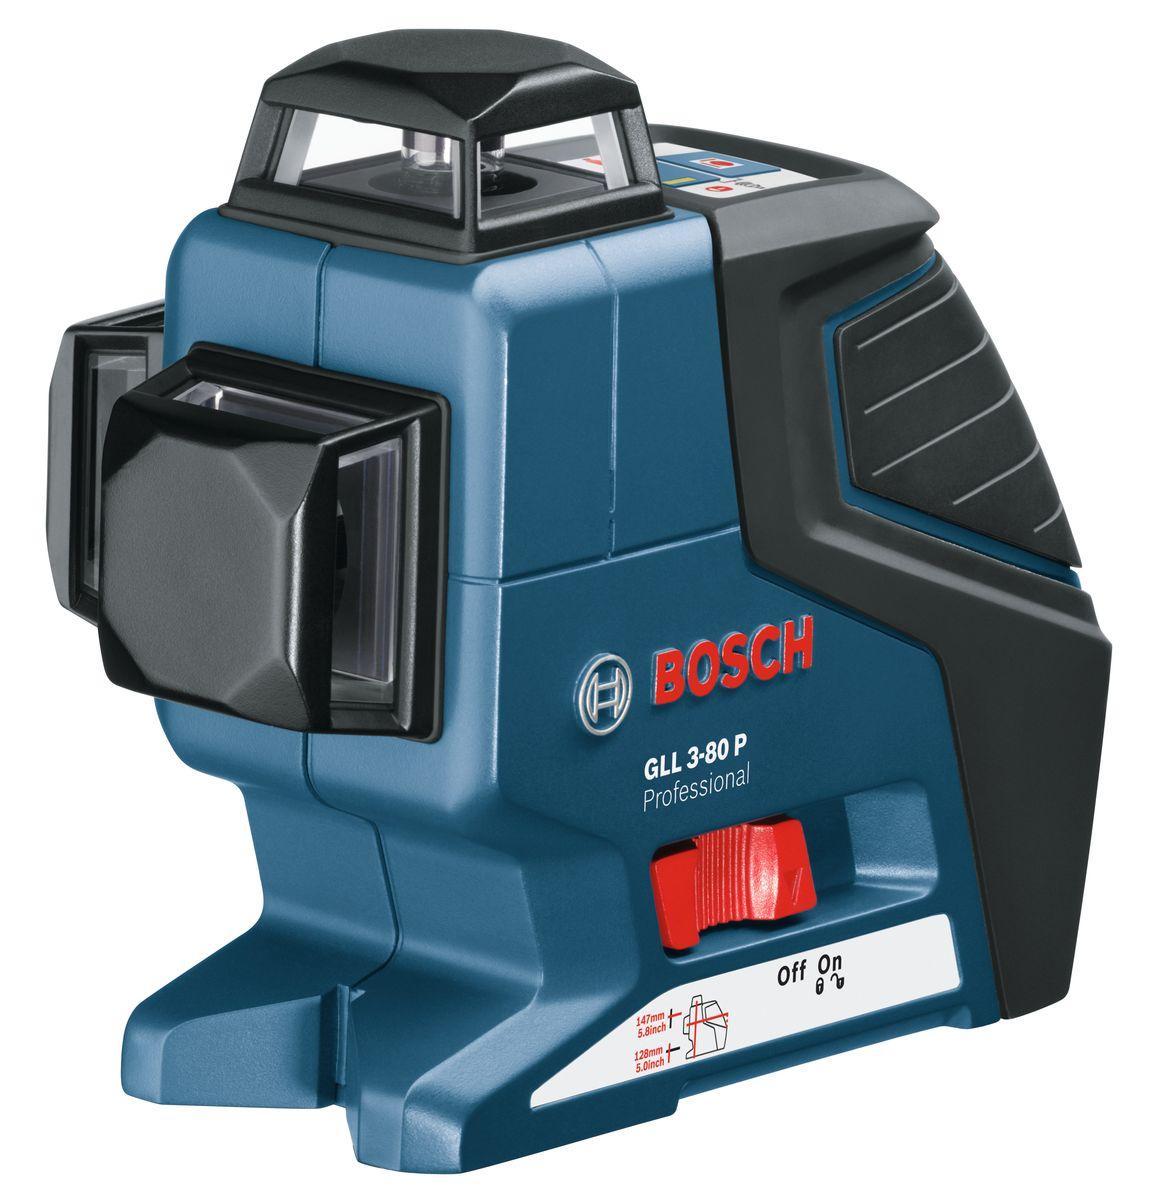 Лазерный нивелир Bosch GLL 3-80 P + BS 150AF-3401Технические характеристики Рабочая температура -10 - 40 °C Температура хранения -20 - 70 °C Класс лазера 2 Время нивелирования 4 с Соединительная резьба штатива 1/4, 5/8 Вес 0,76 кг Комплектация: Строительный штатив BS 150 Professional 0 601 096 974 Лазерный отражатель Вкладыш для кейса L-BOXX под инструмент Чехол 4 батареи AA 1,5 В LR6